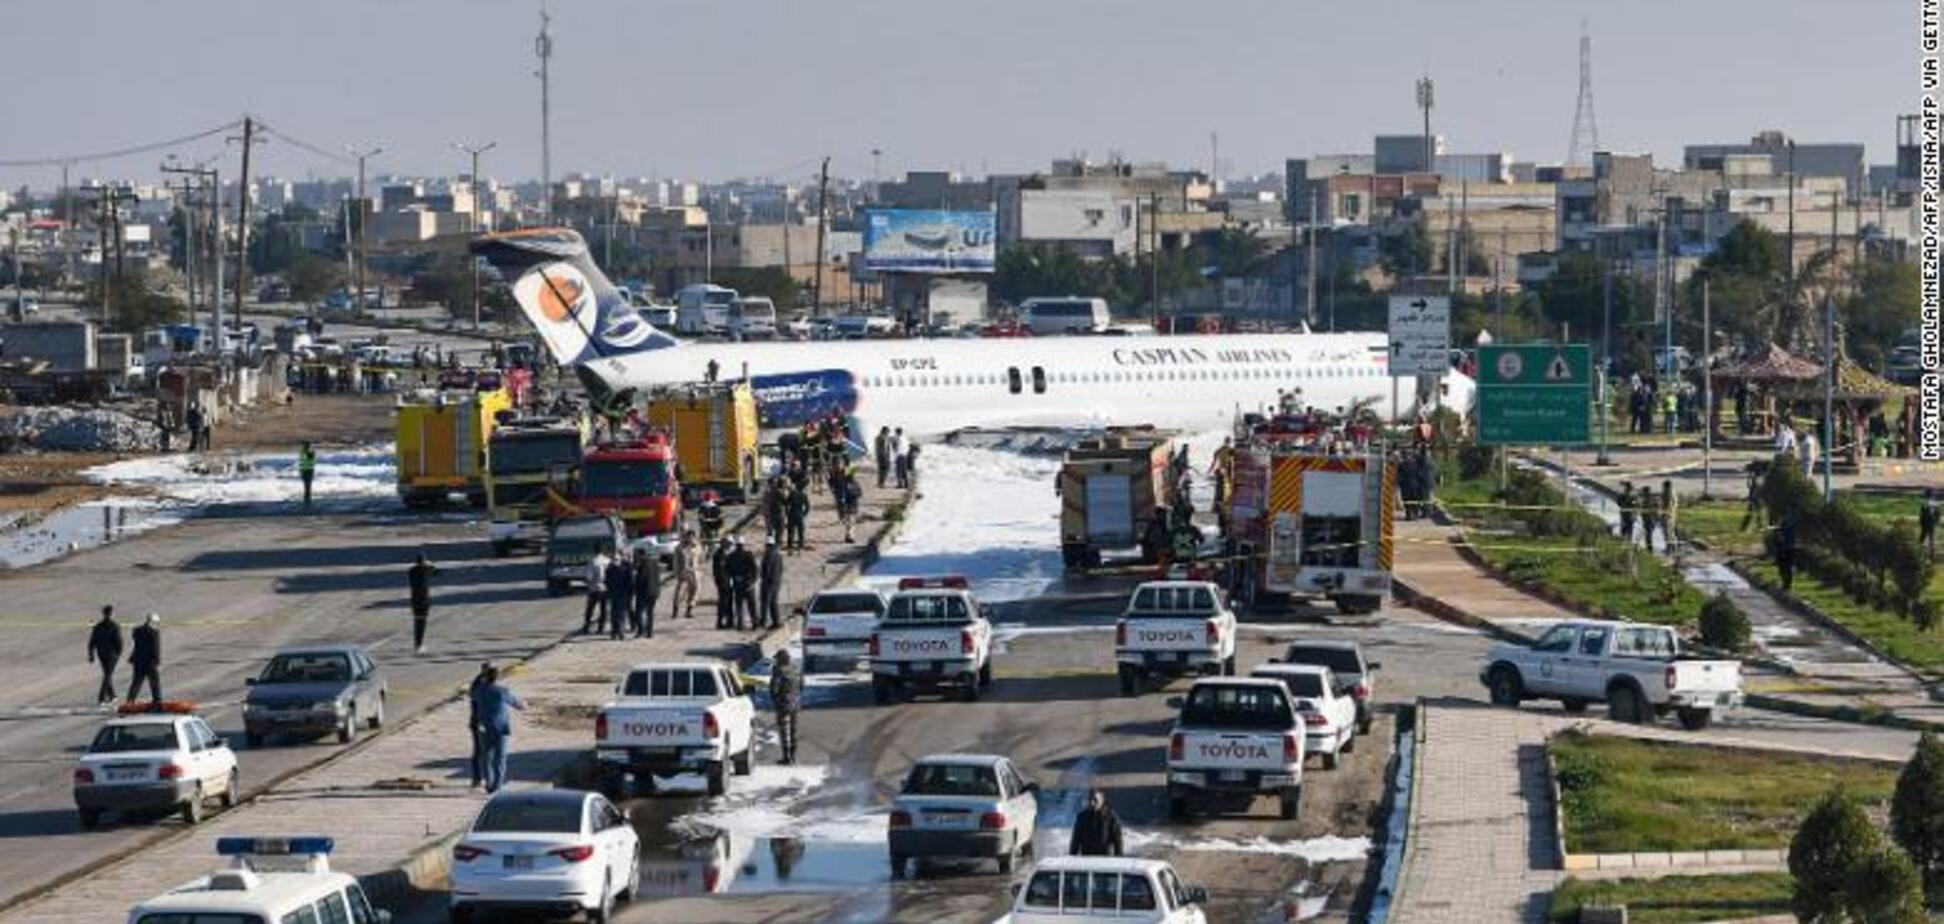 Екстрено сів посеред вулиці: в Ірані трапилася нова НП з пасажирським літаком. Відео